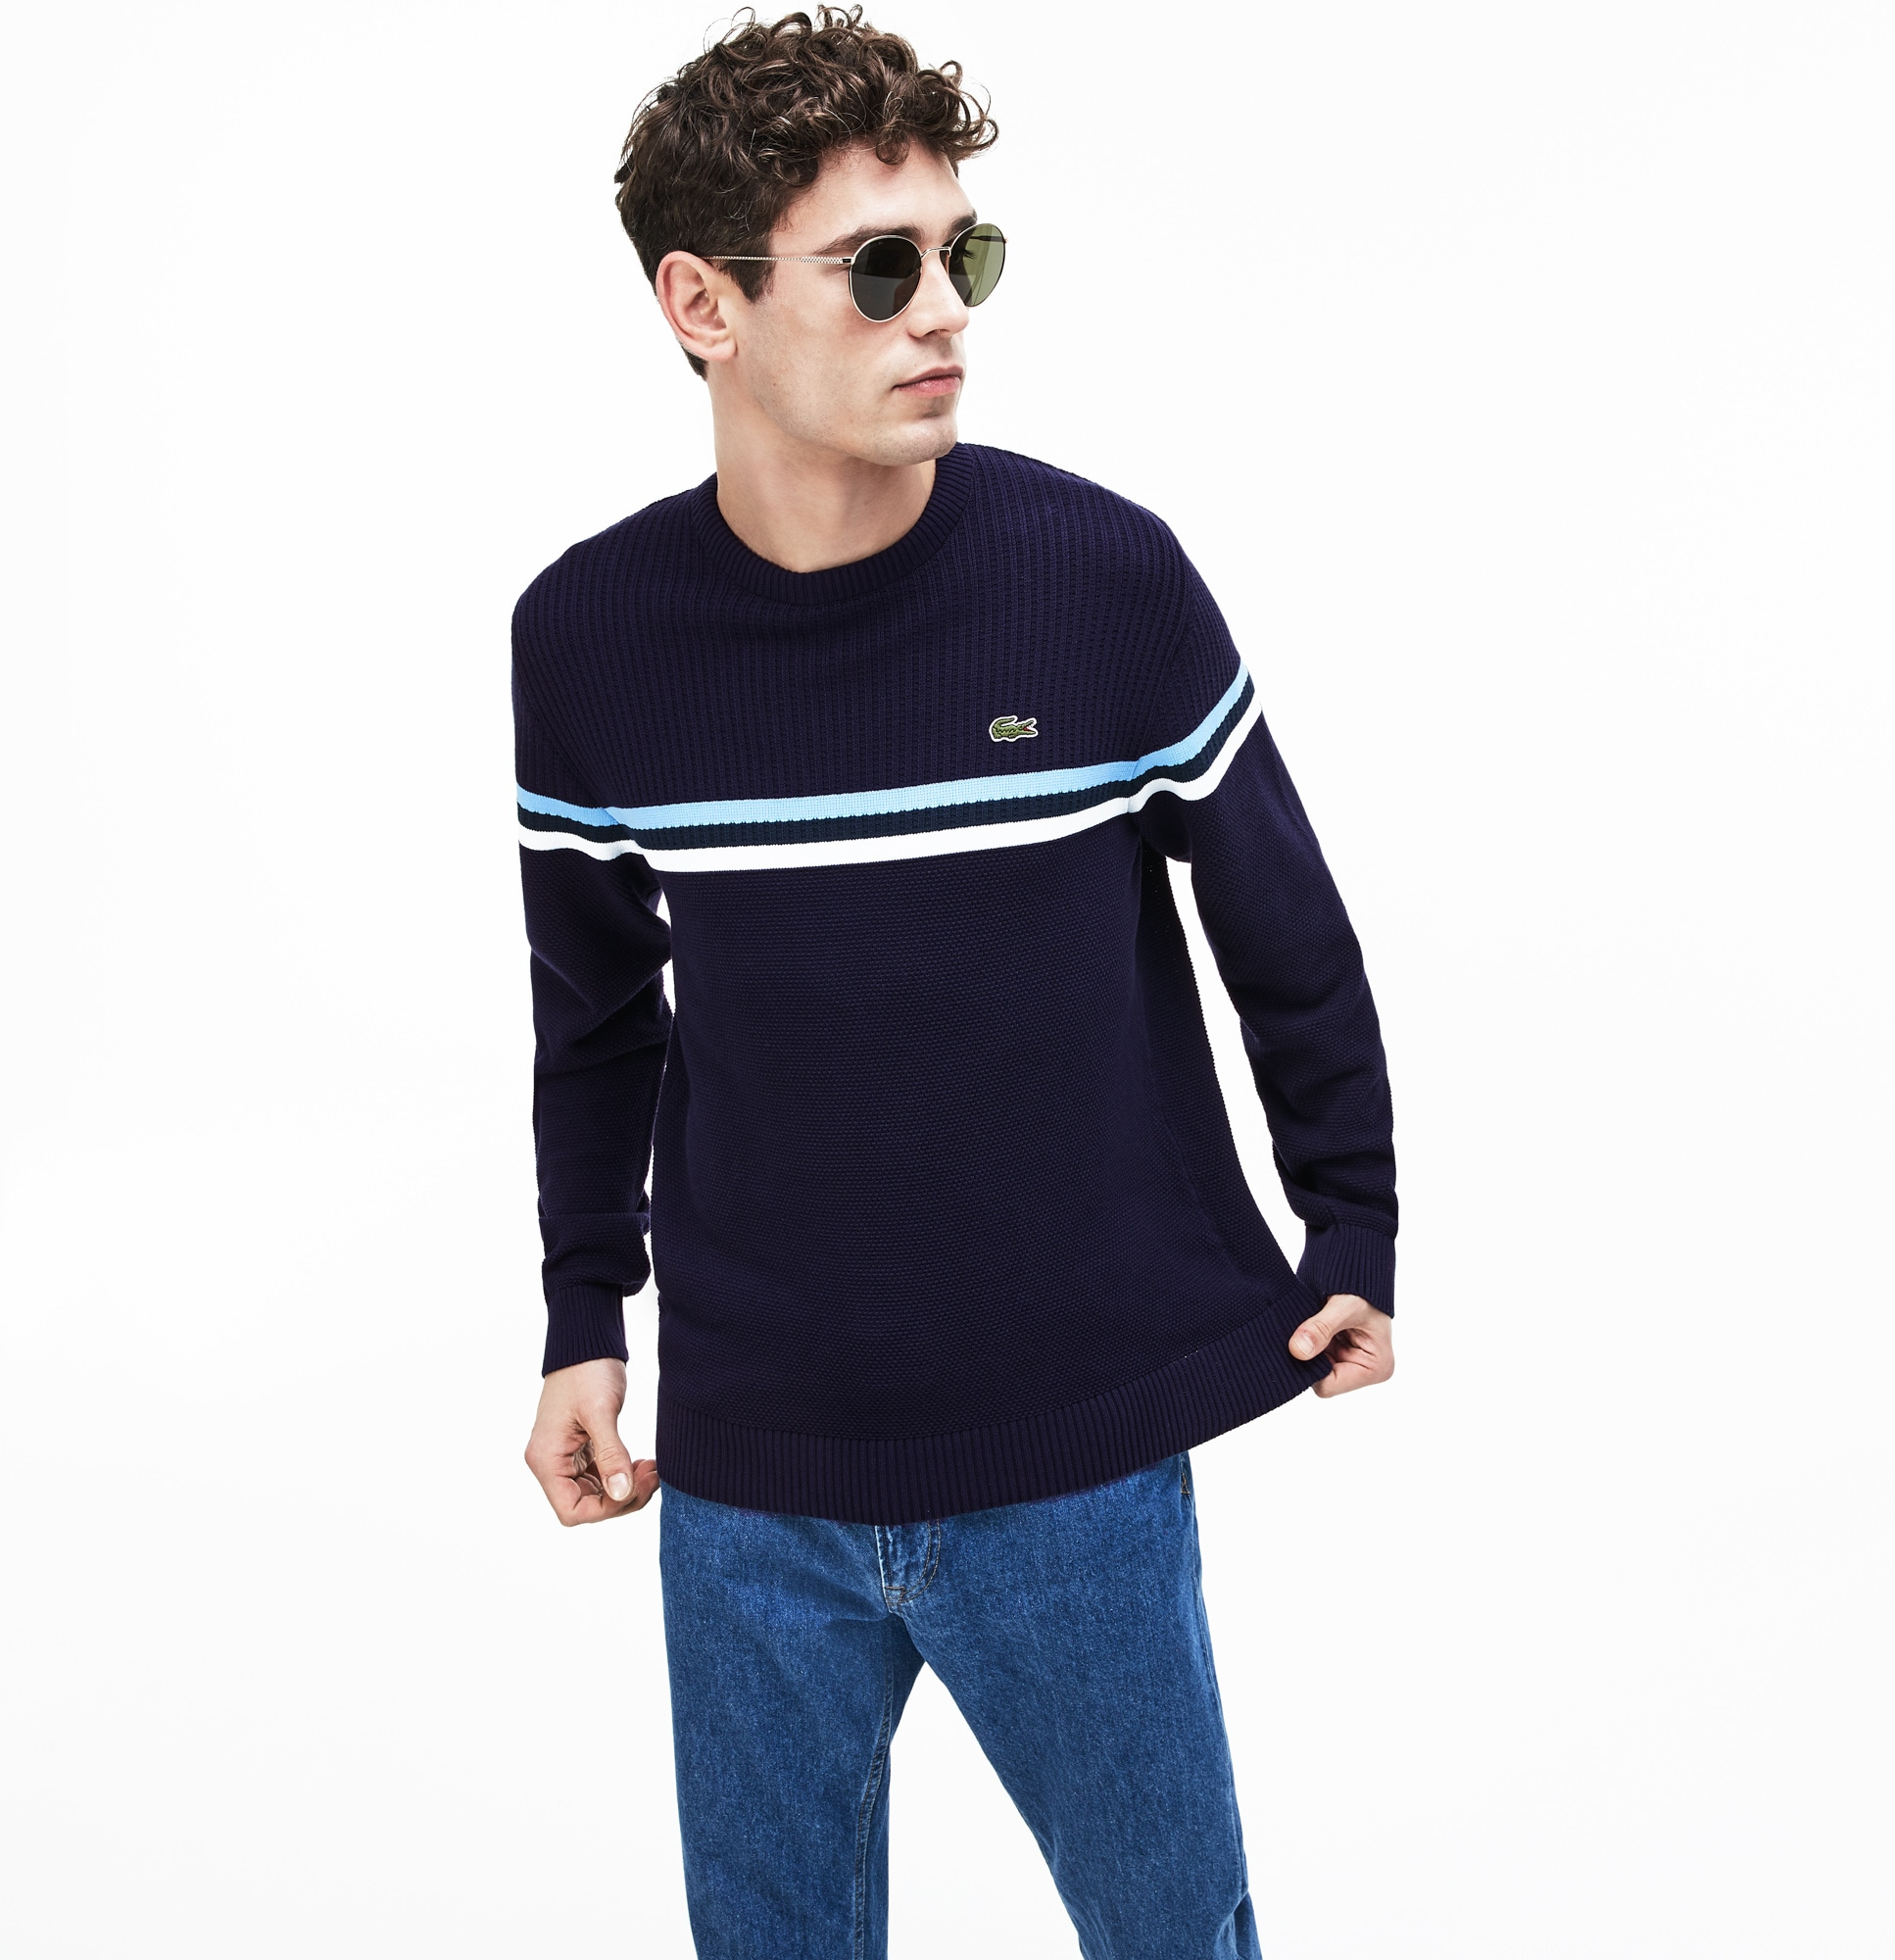 d2b83813 Men's Clothing on Sale| LACOSTE